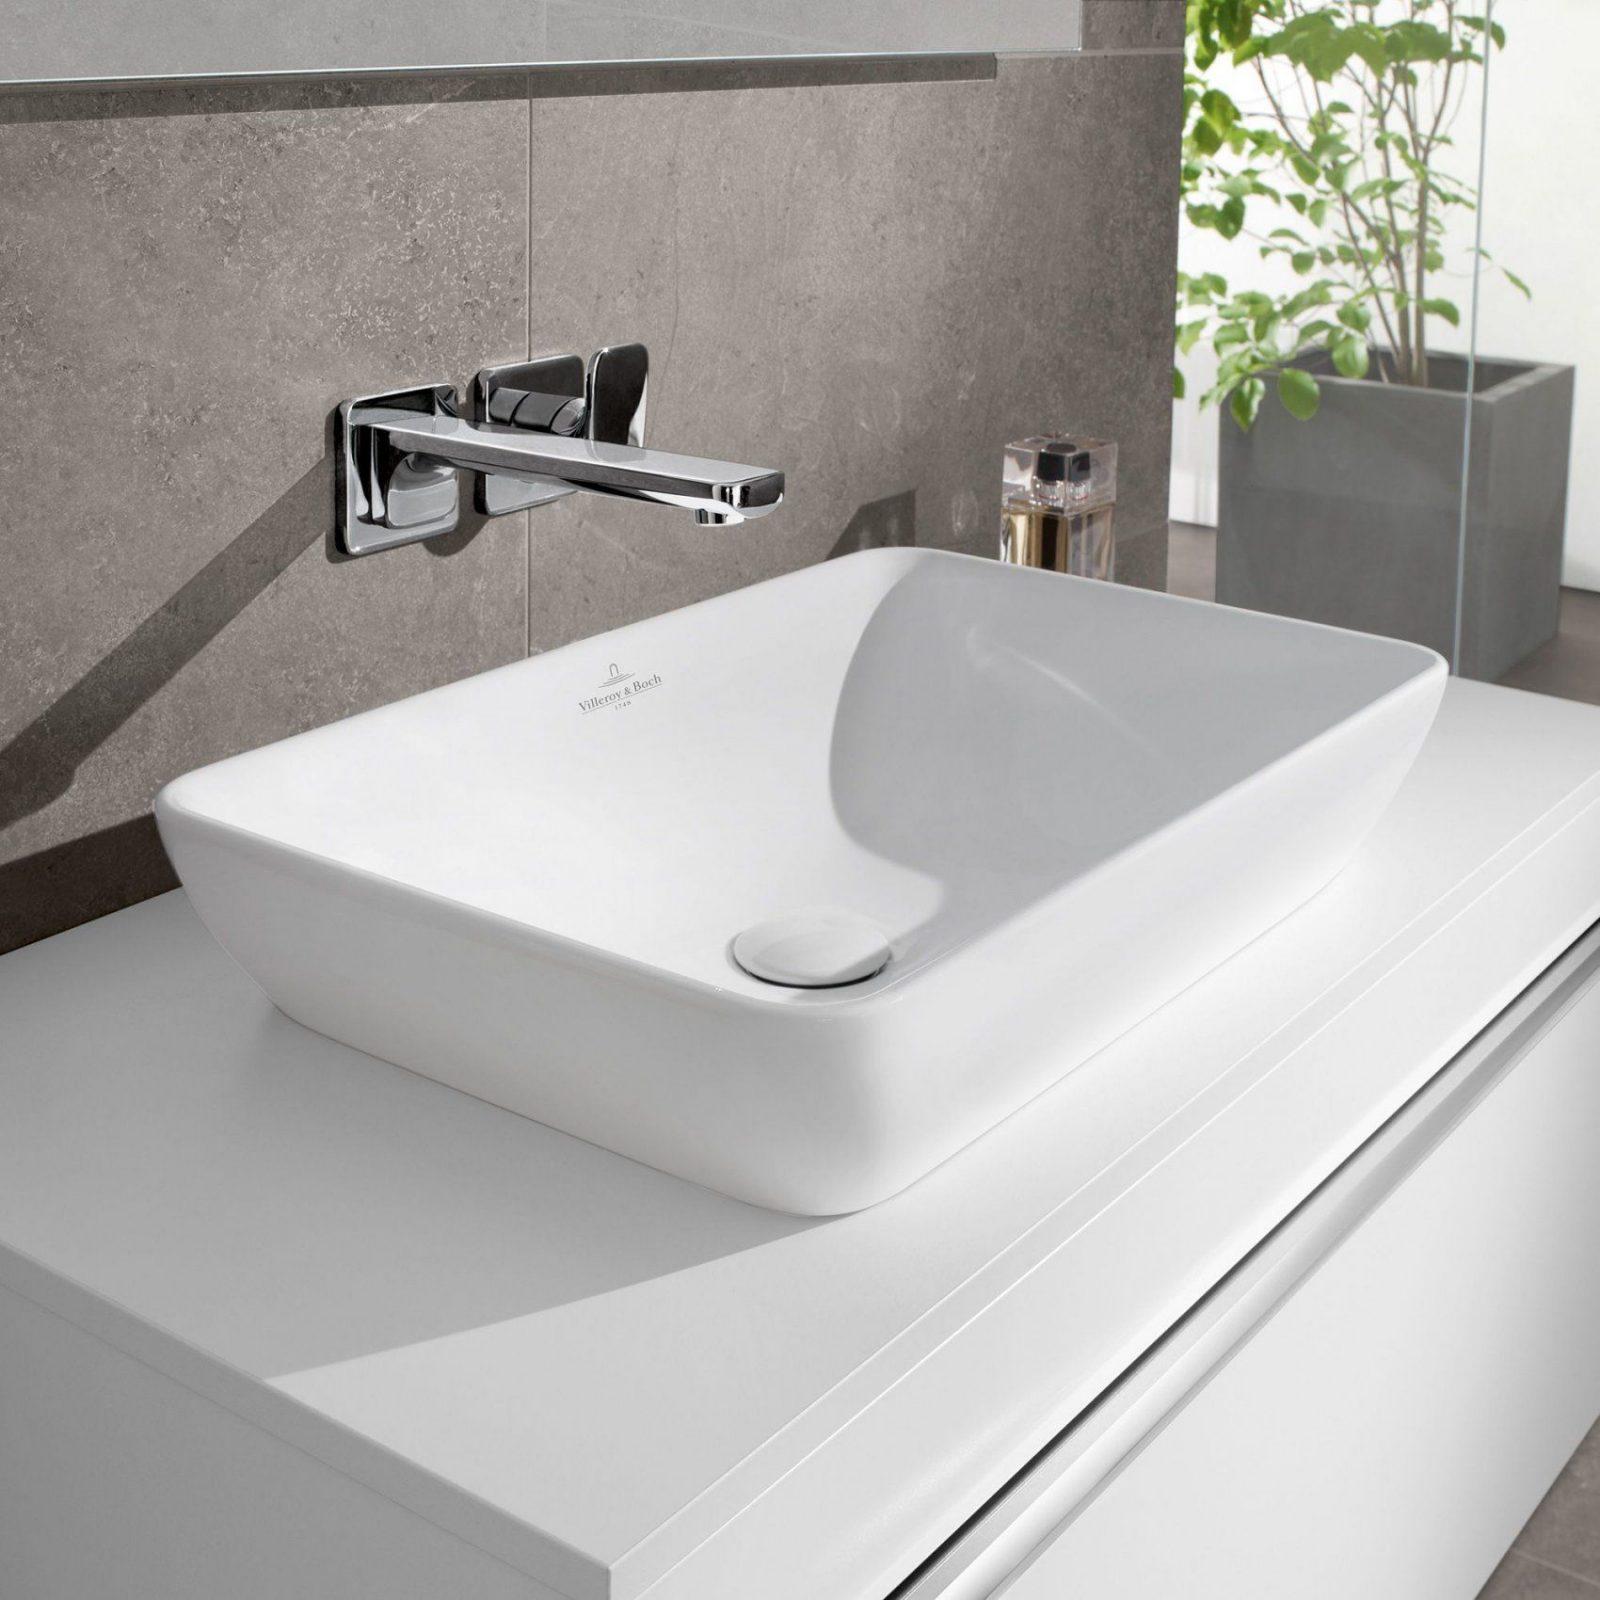 Villeroy & Boch Venticello Halbeinbauaufsatzwaschtisch Weiß Mit von Waschbecken Gäste Wc Villeroy Und Boch Bild